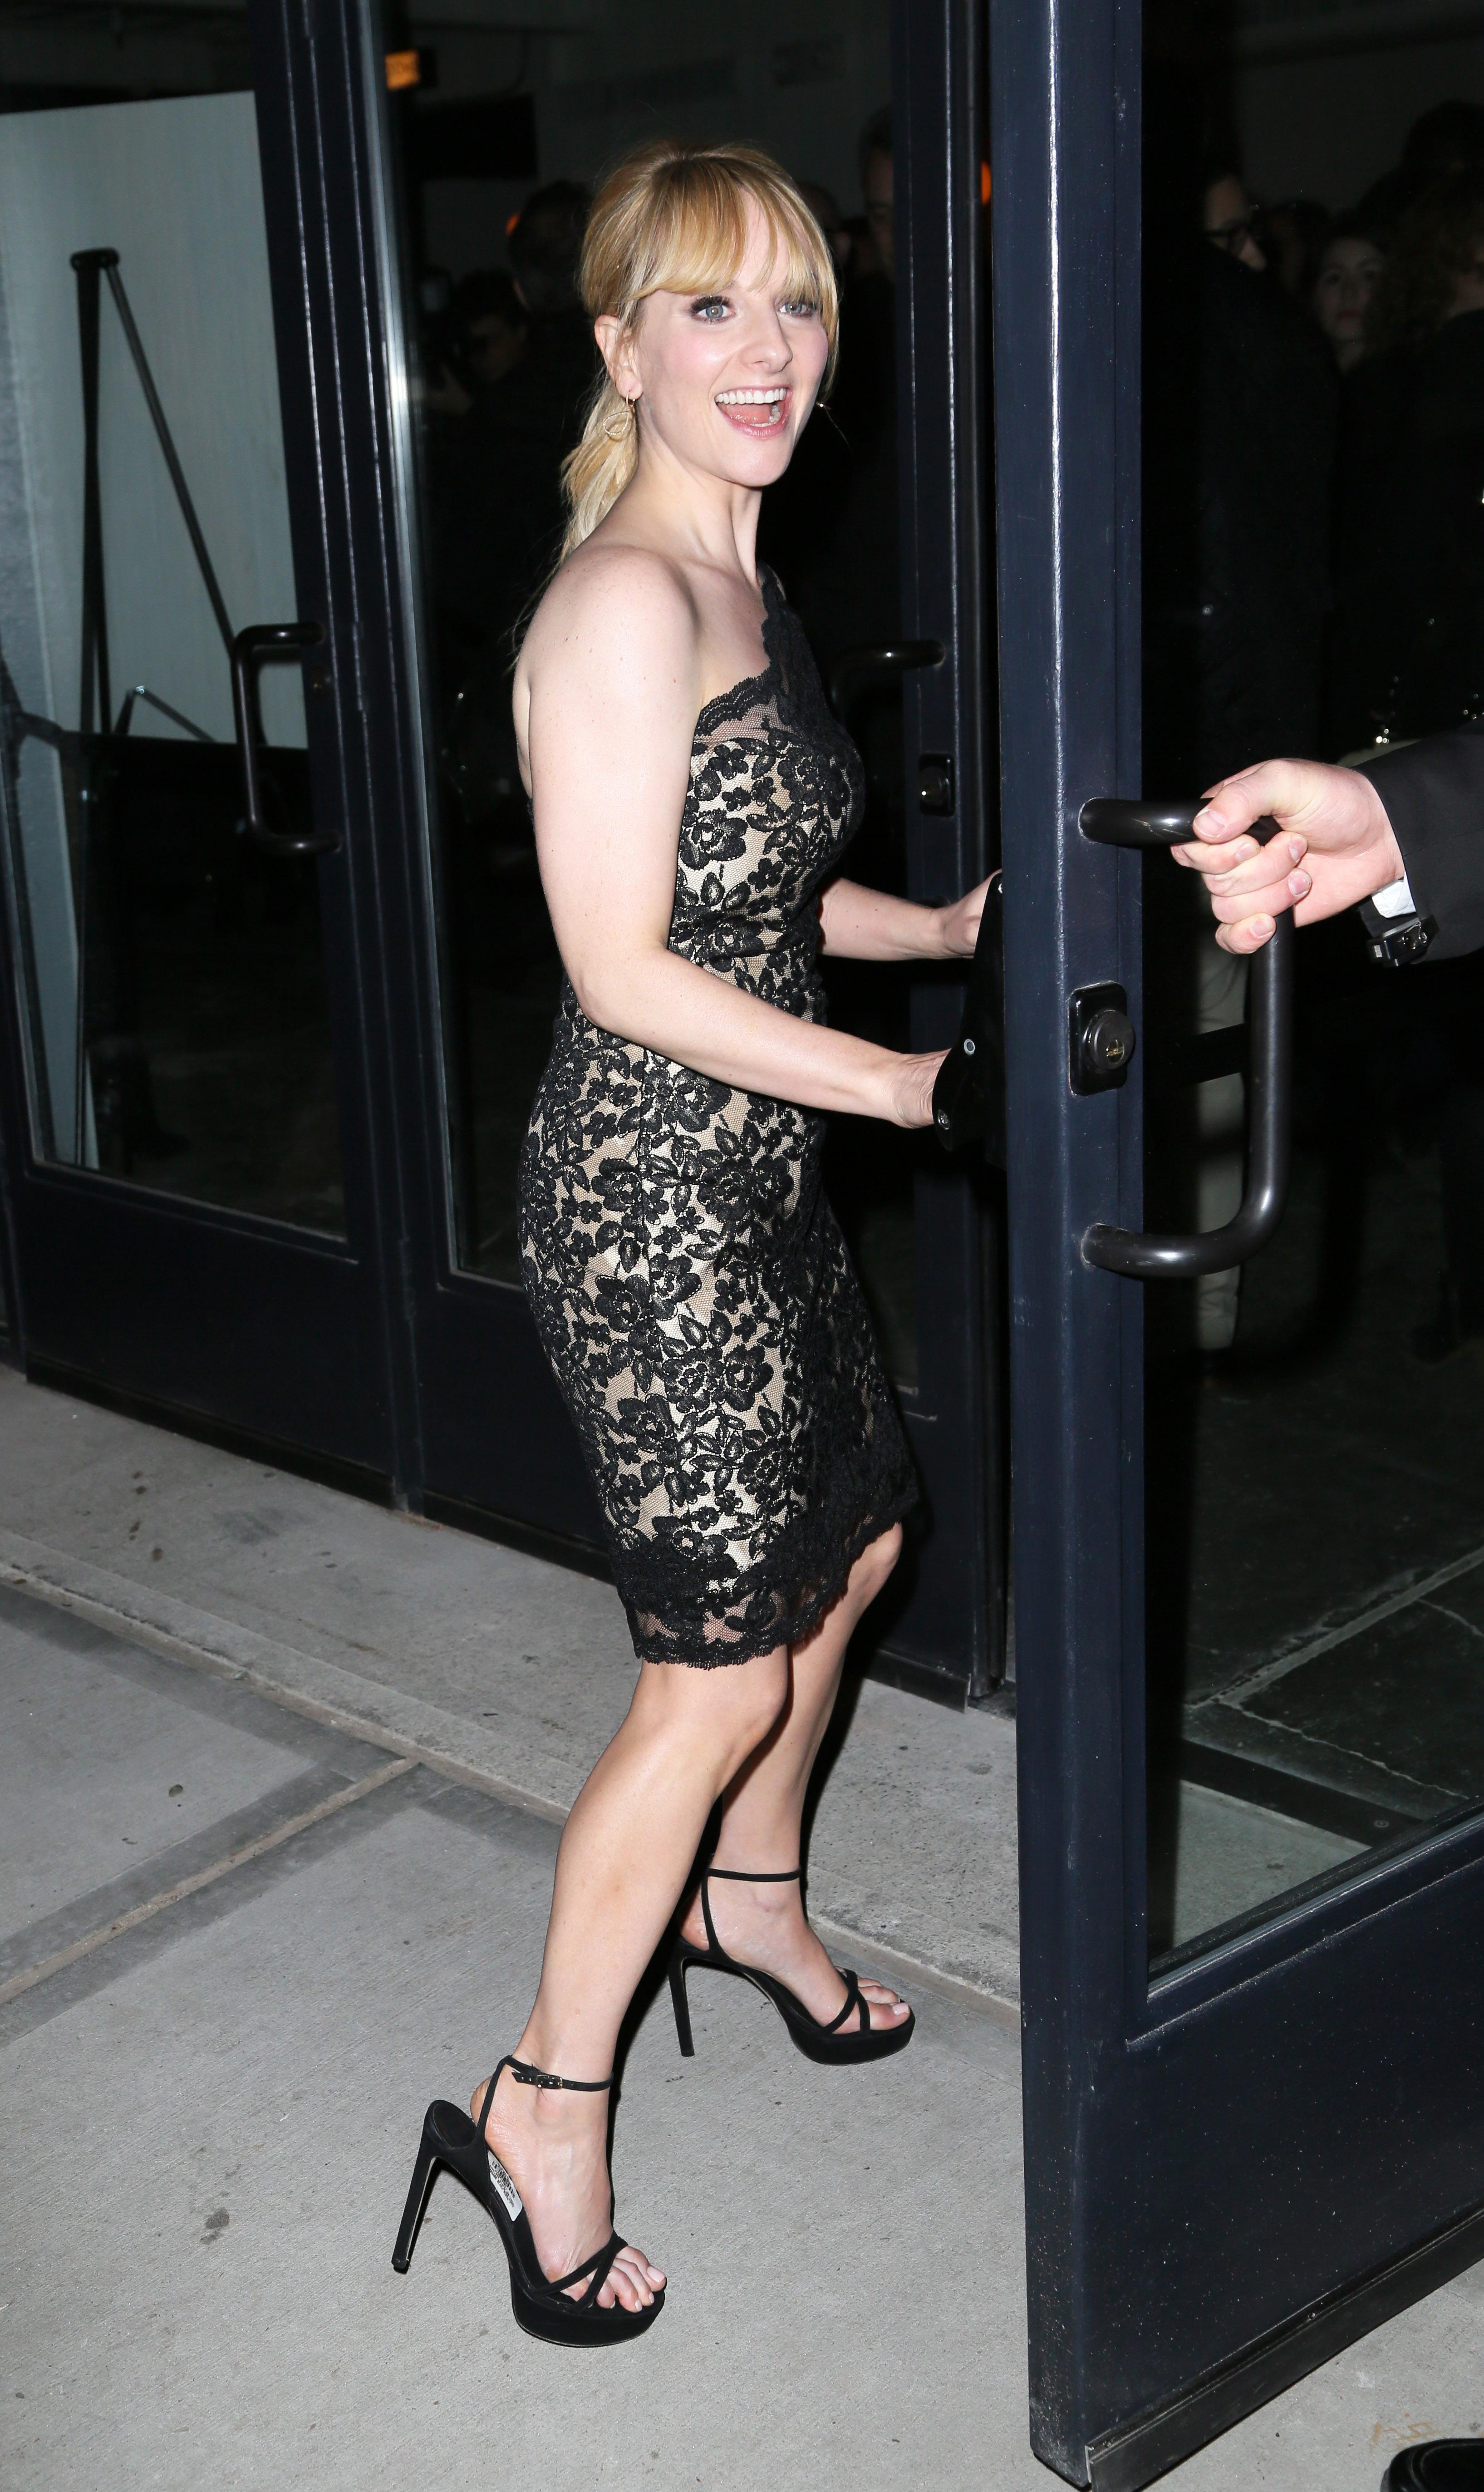 8822a3f24c Melissa Rauch s Feet    wikiFeet